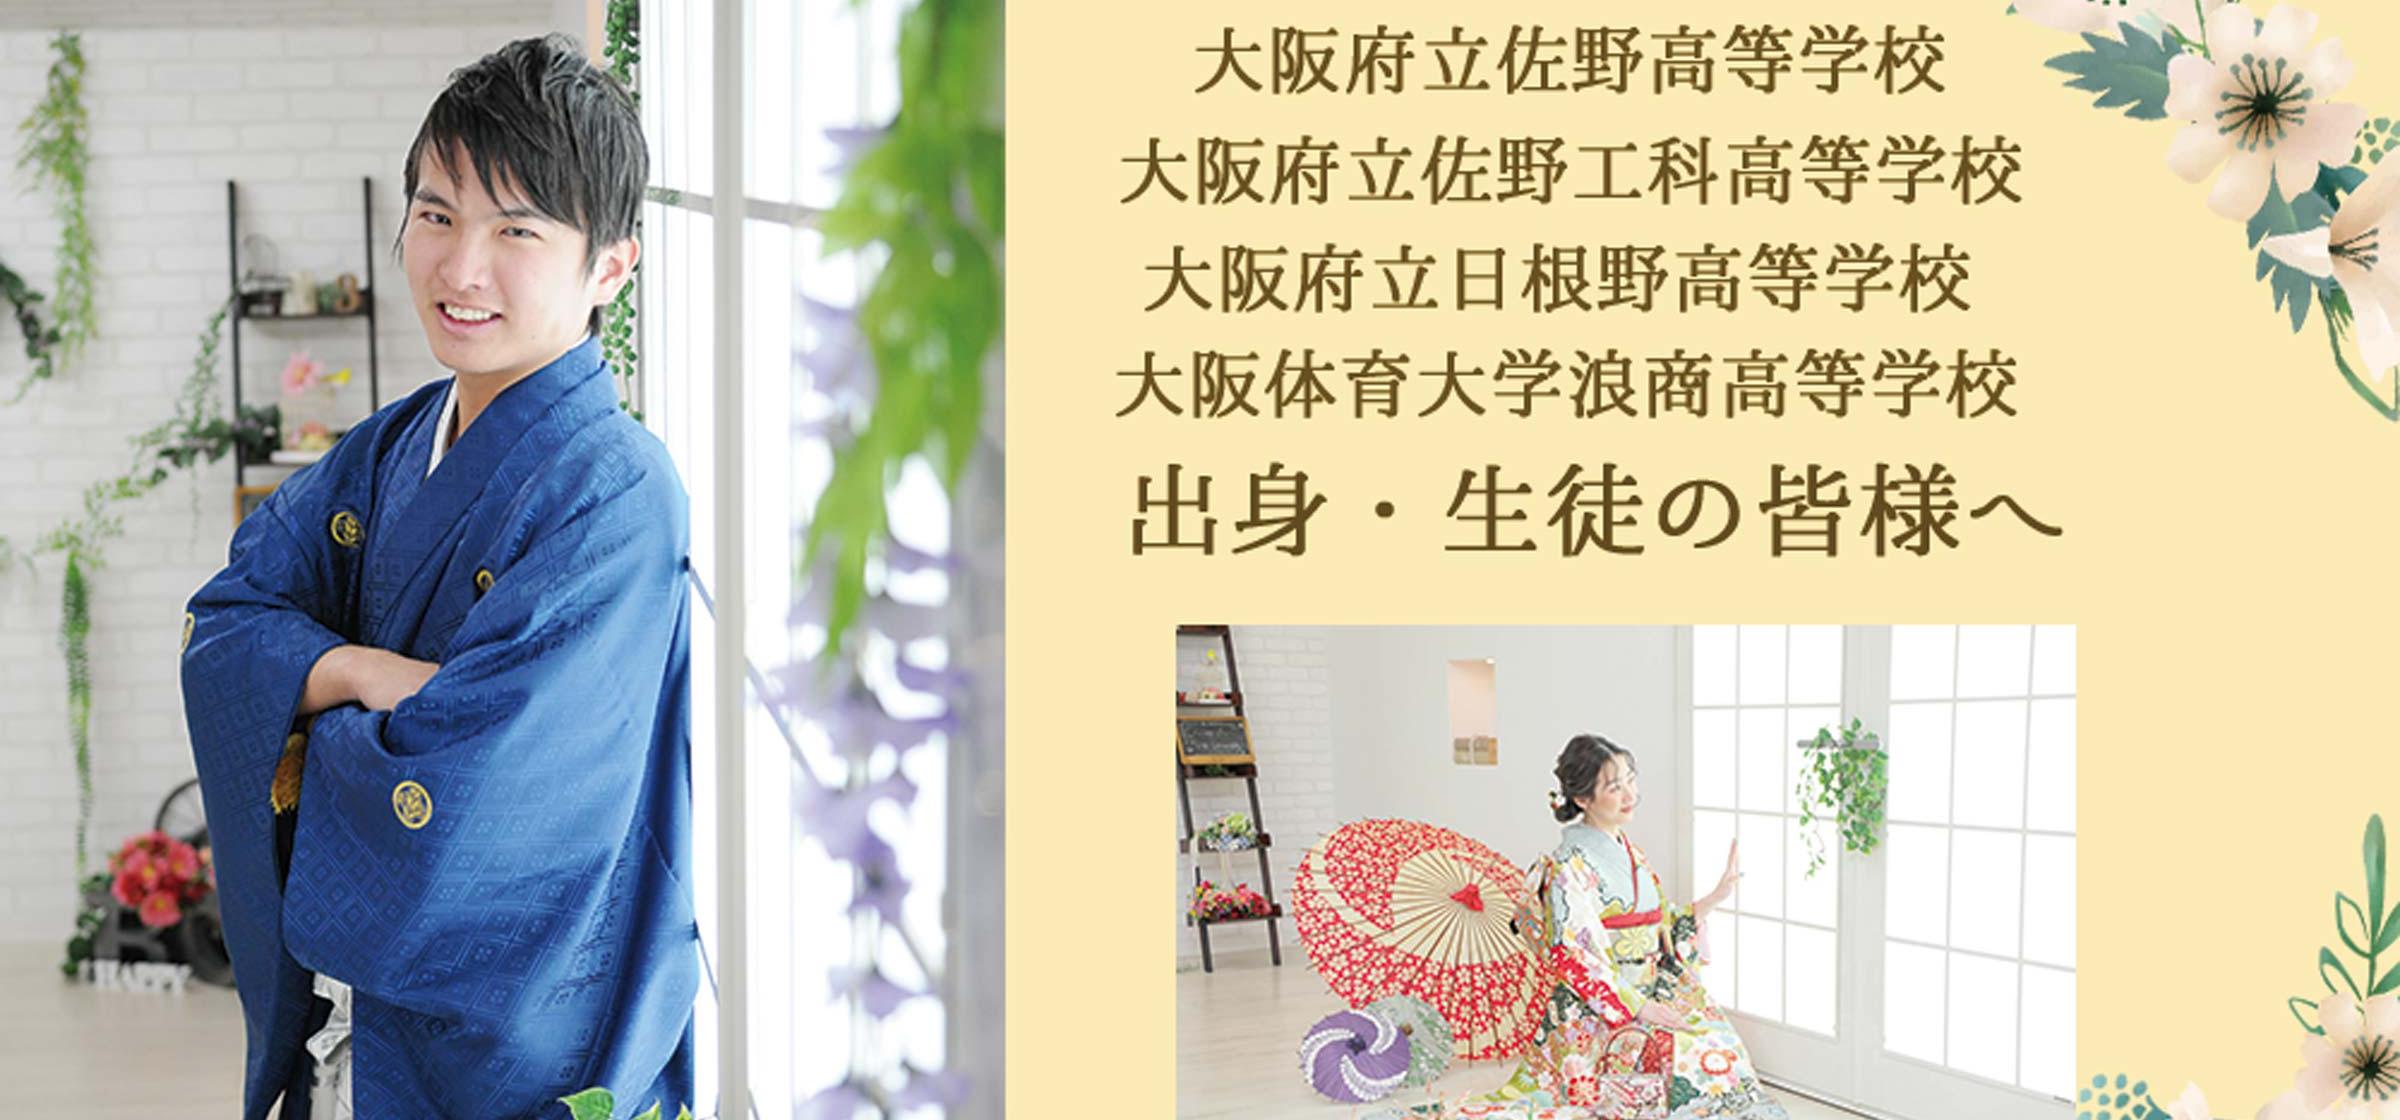 泉佐野市の高校出身者はお得にレンタル出来る